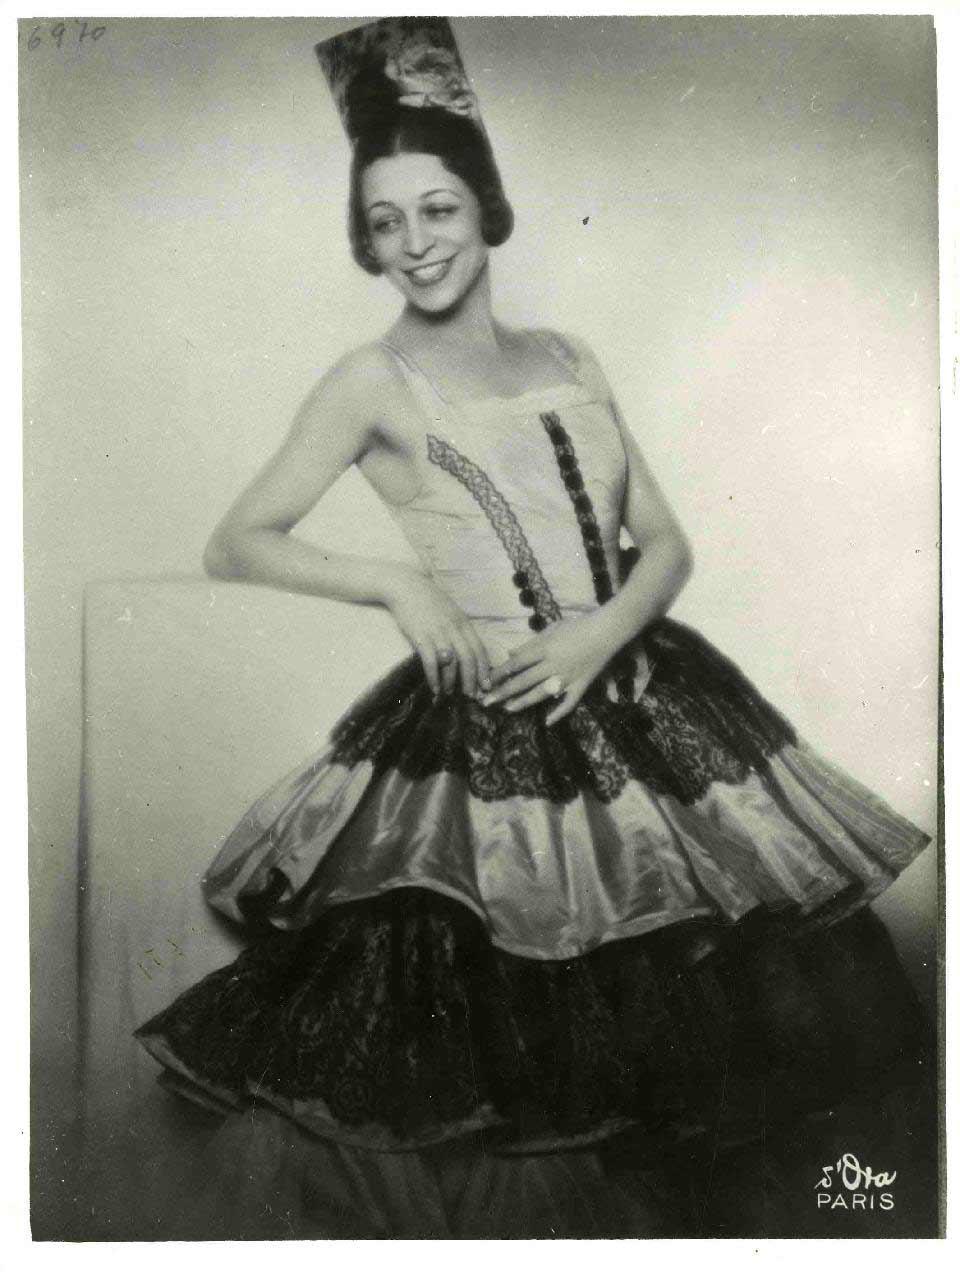 Retrat d'Antonia Mercé La Argentina a Danza de los ojos verdes, fotografia de Madame d'Ora a París el 1930. . Fons Antonia Mercé La Argentina